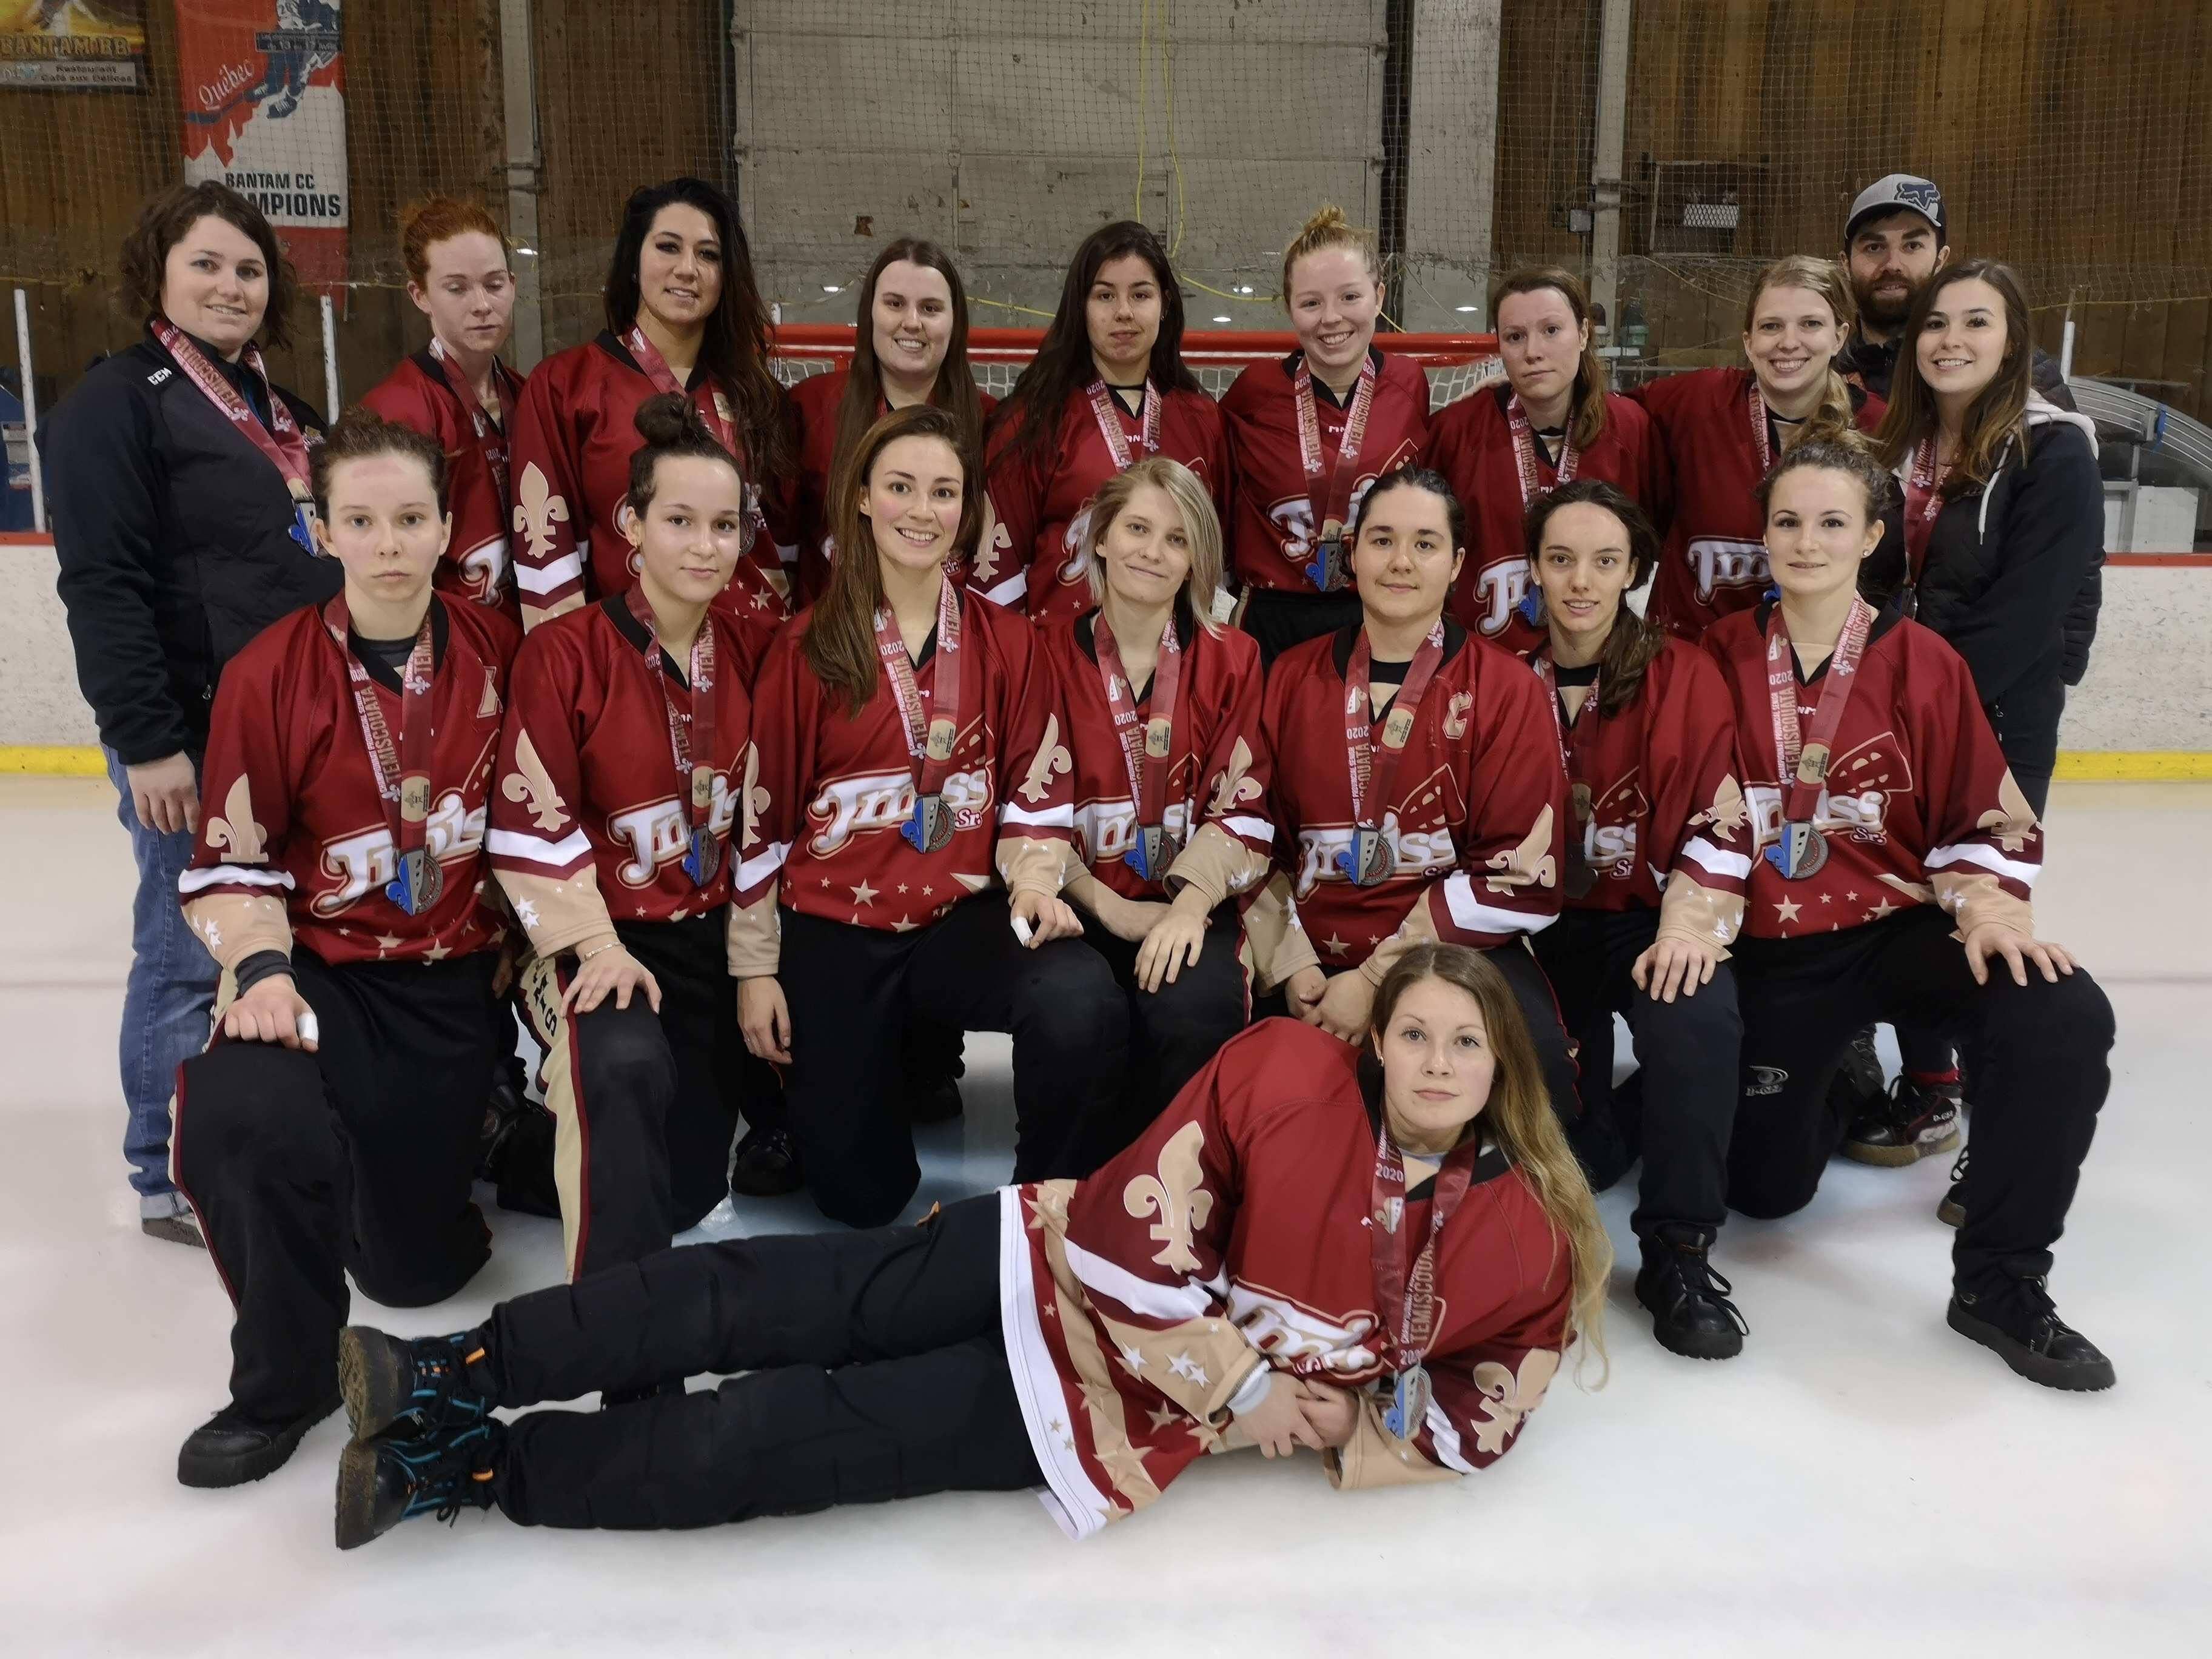 Medaille argent T Miss senior Championnat provincial senior Temiscouata mars 2020